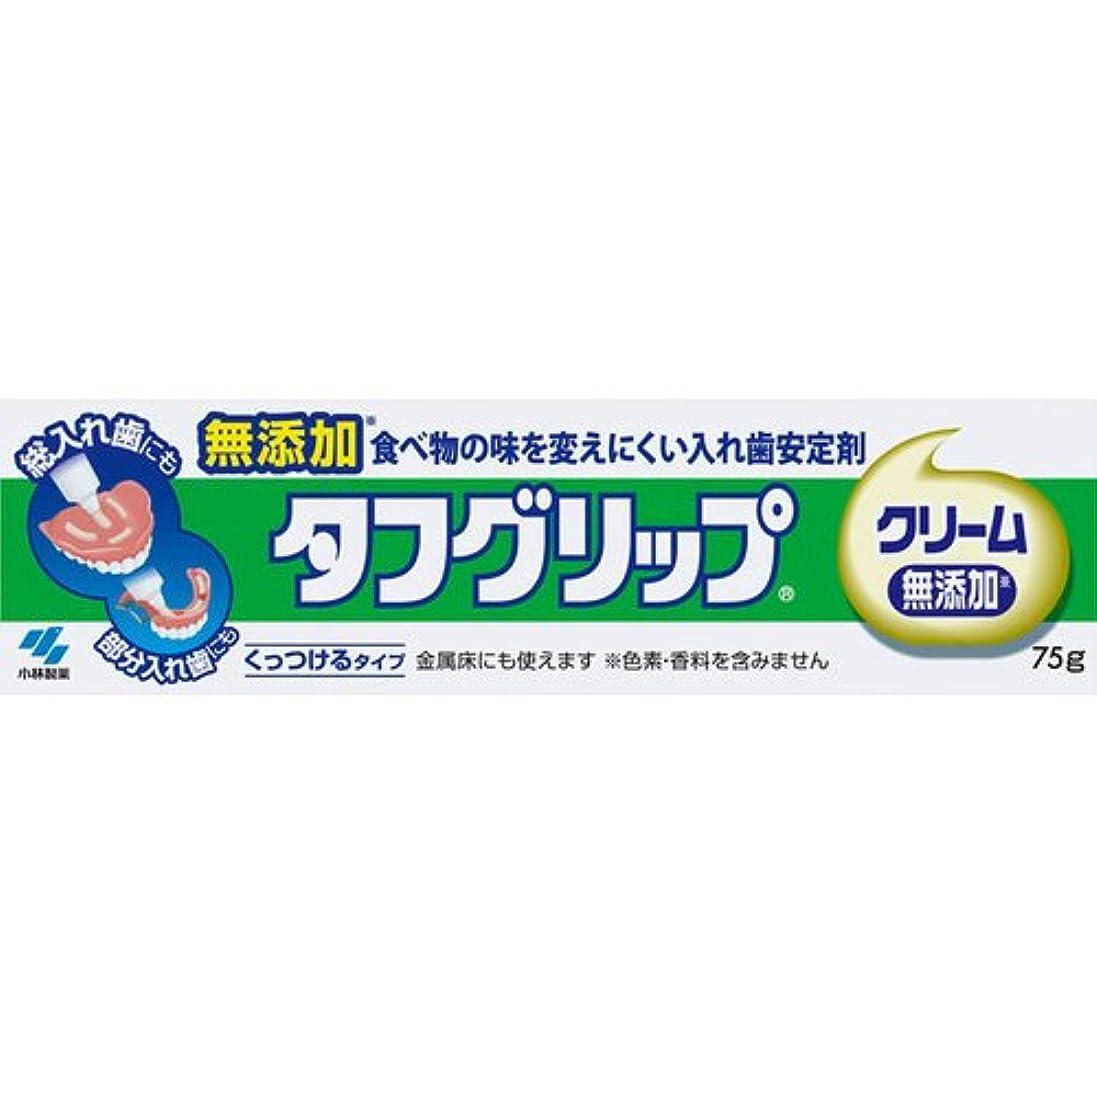 遡る甘味警察署【小林製薬】タフグリップクリーム 無添加 75g